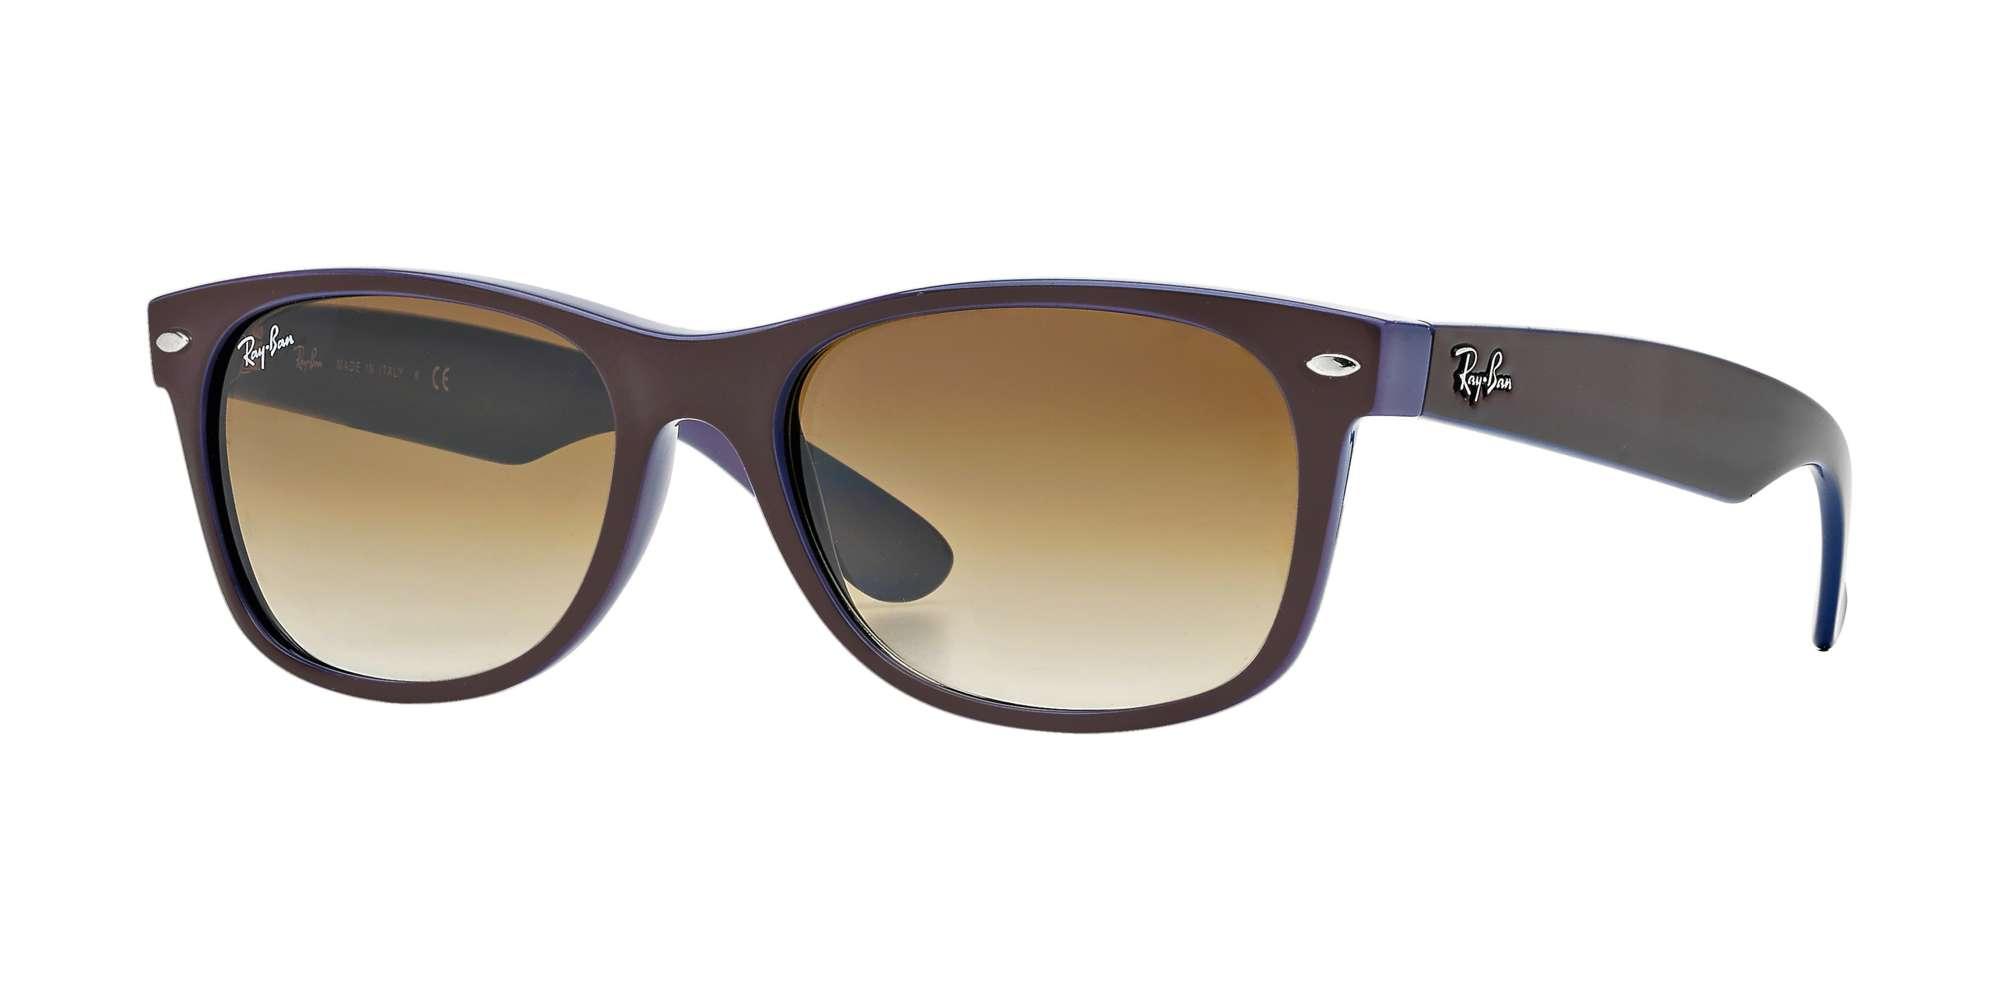 Top Brown On Blue / Crystal Brown Gradient lenses